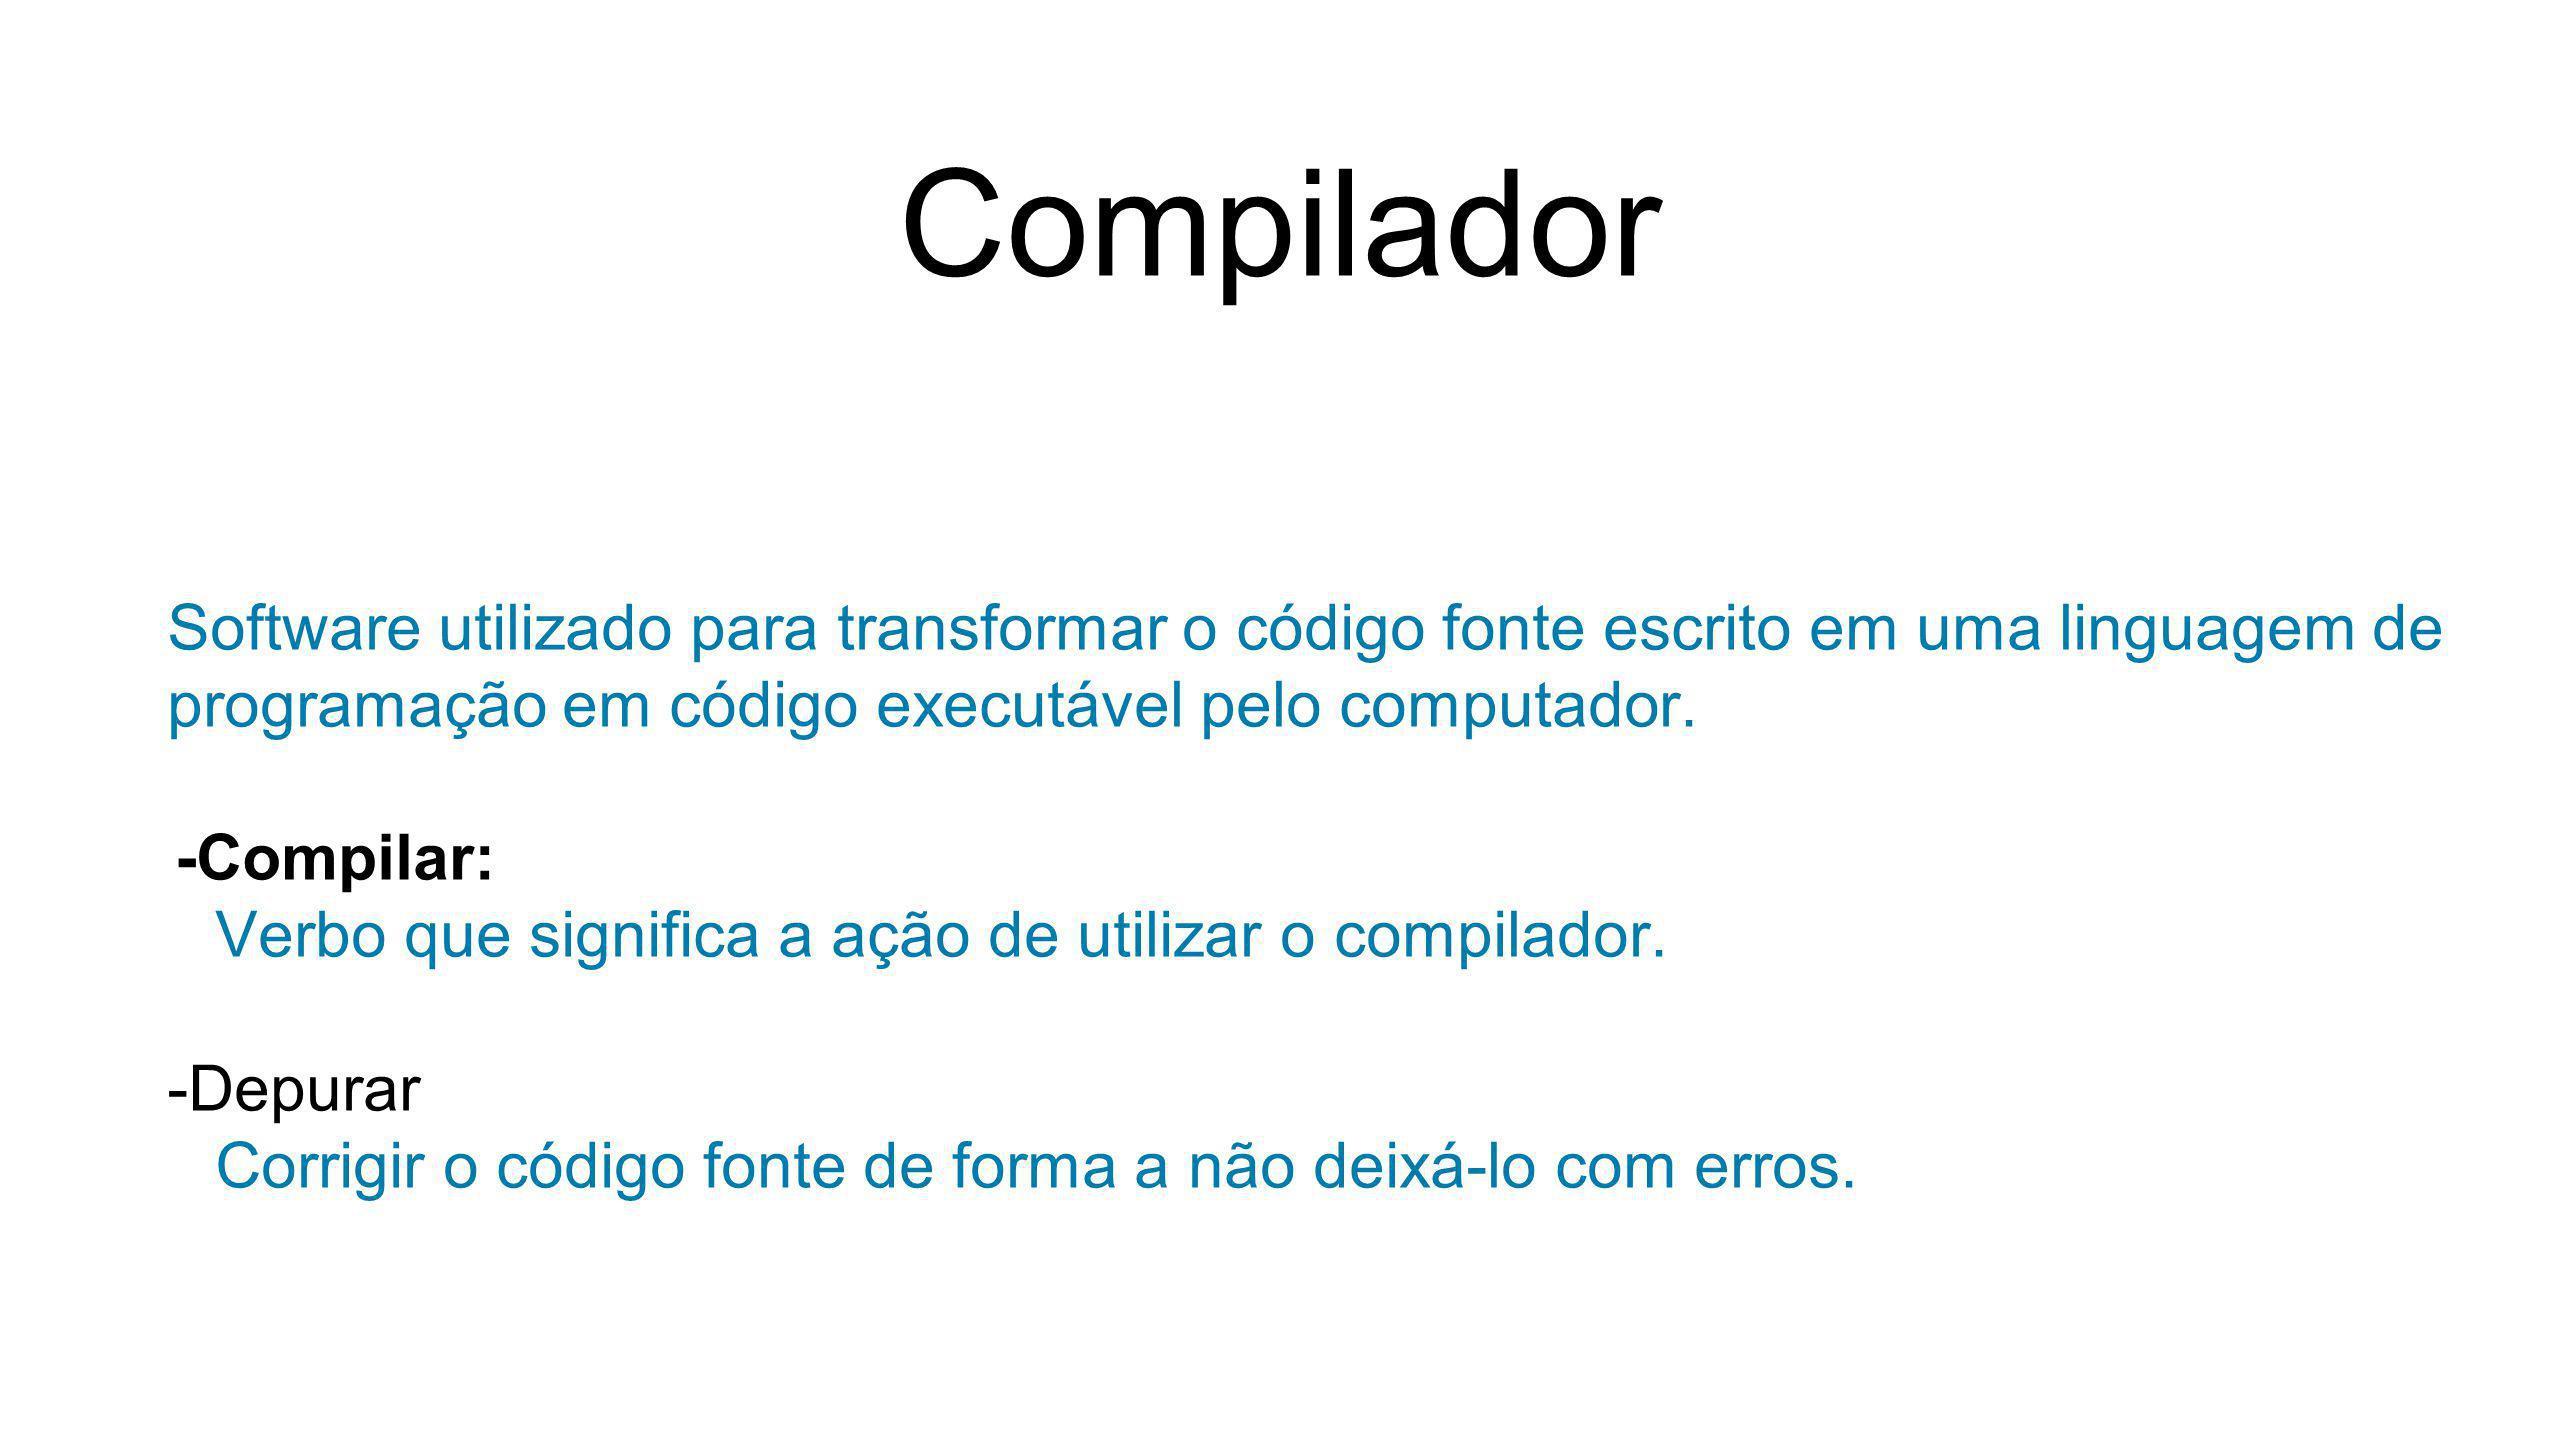 Compilador Software utilizado para transformar o código fonte escrito em uma linguagem de programação em código executável pelo computador.